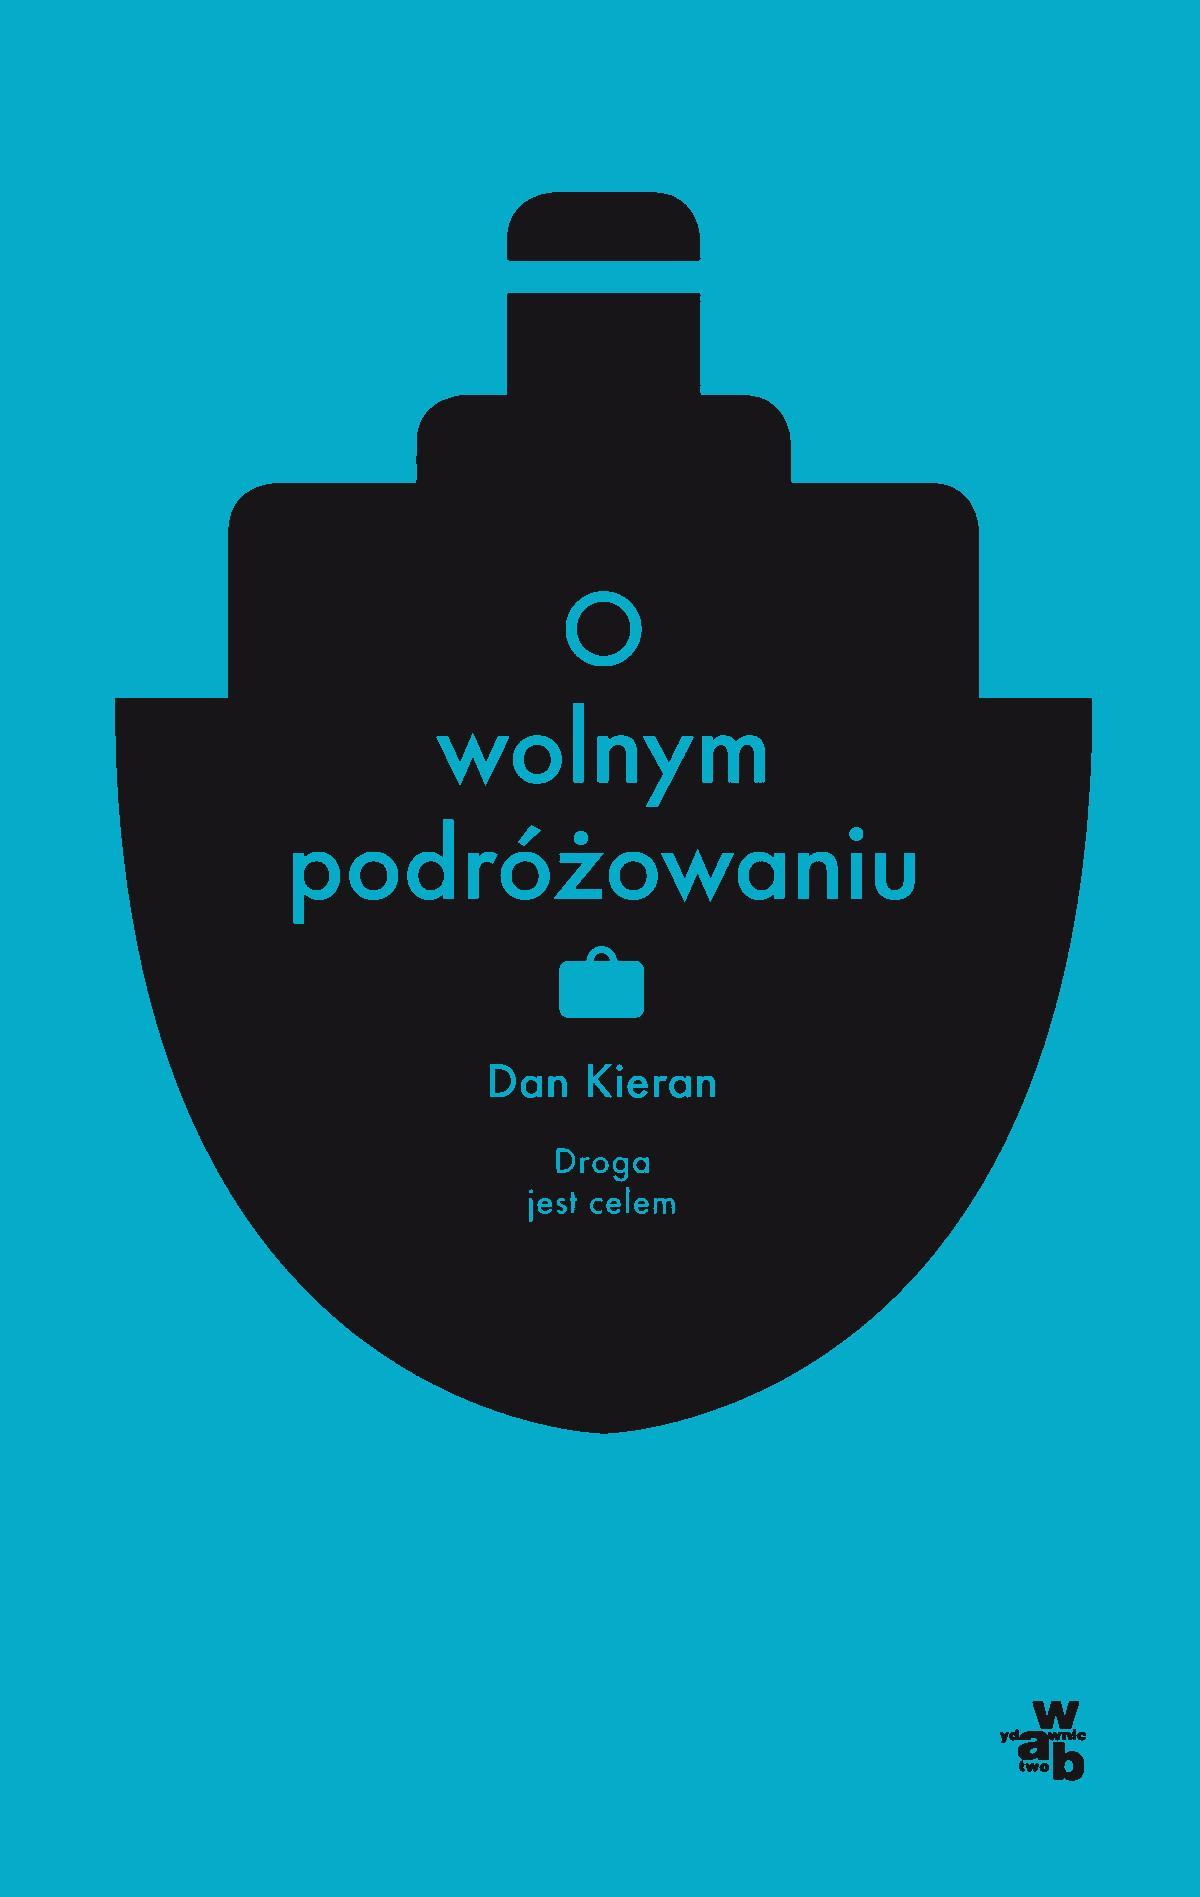 O wolnym podróżowaniu - Dan Kieran